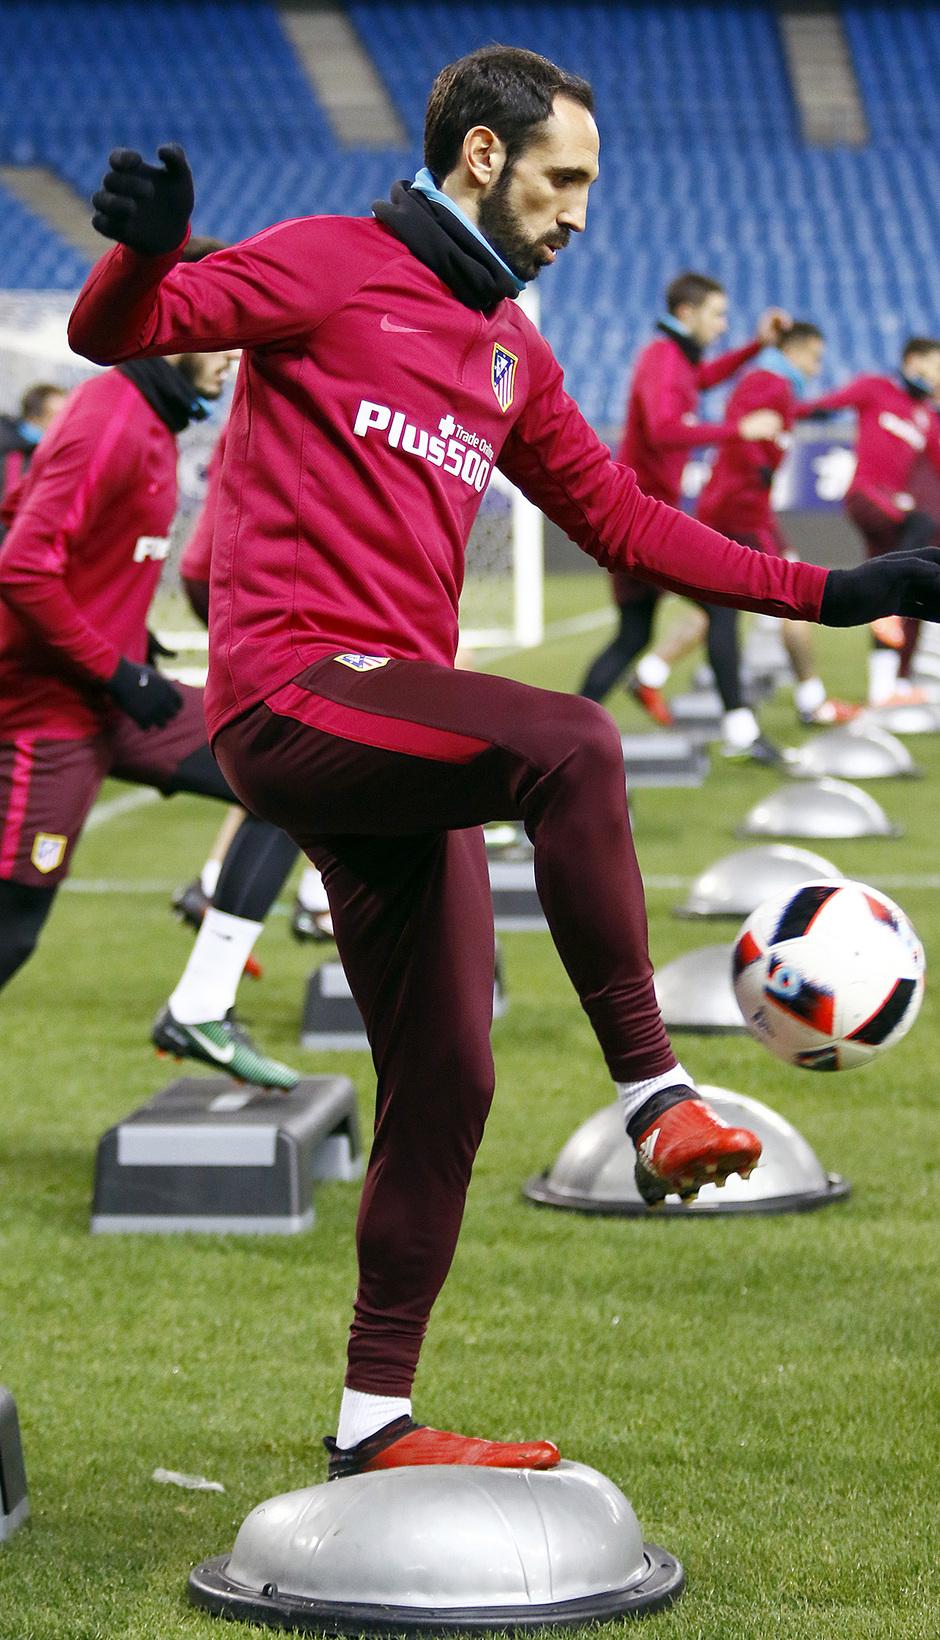 Temporada 16/17 | 09/01/2017 | Entrenamiento en el Vicente Calderón | Juanfran